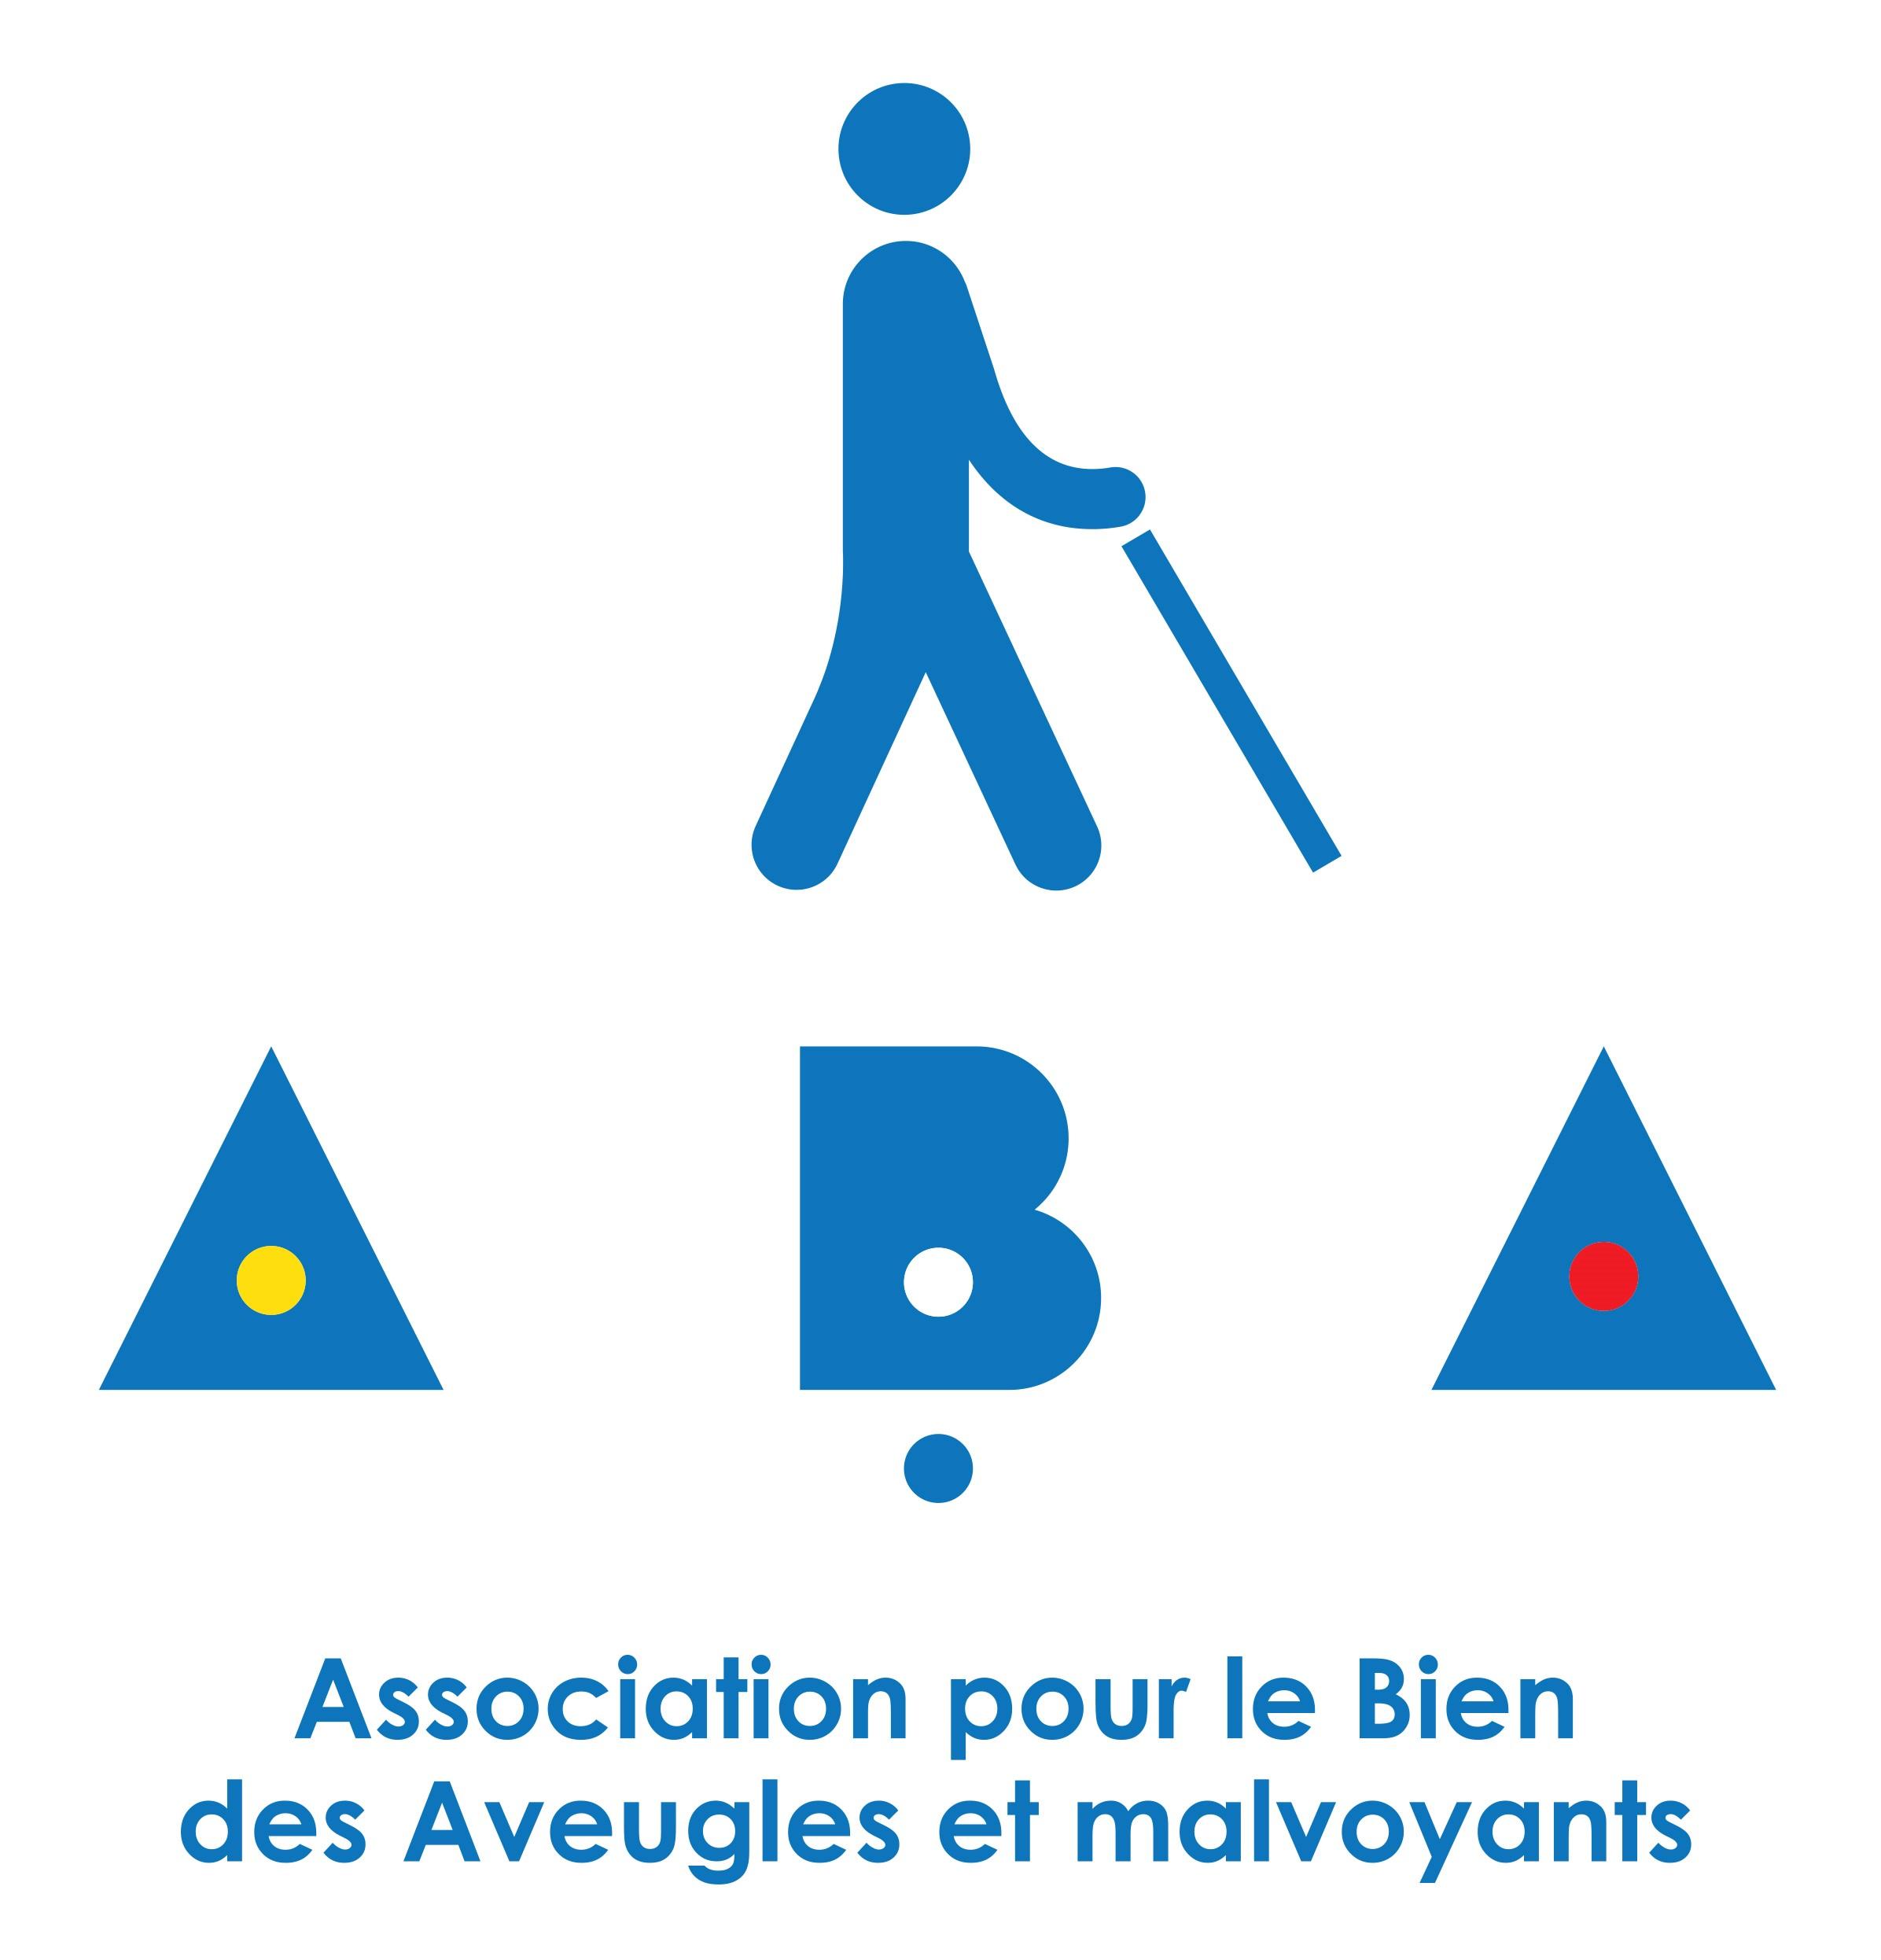 Bibliothèque Braille Romande et livre parlé (ABA/BBR) de l'Association pour le Bien des Aveugles et malvoyants